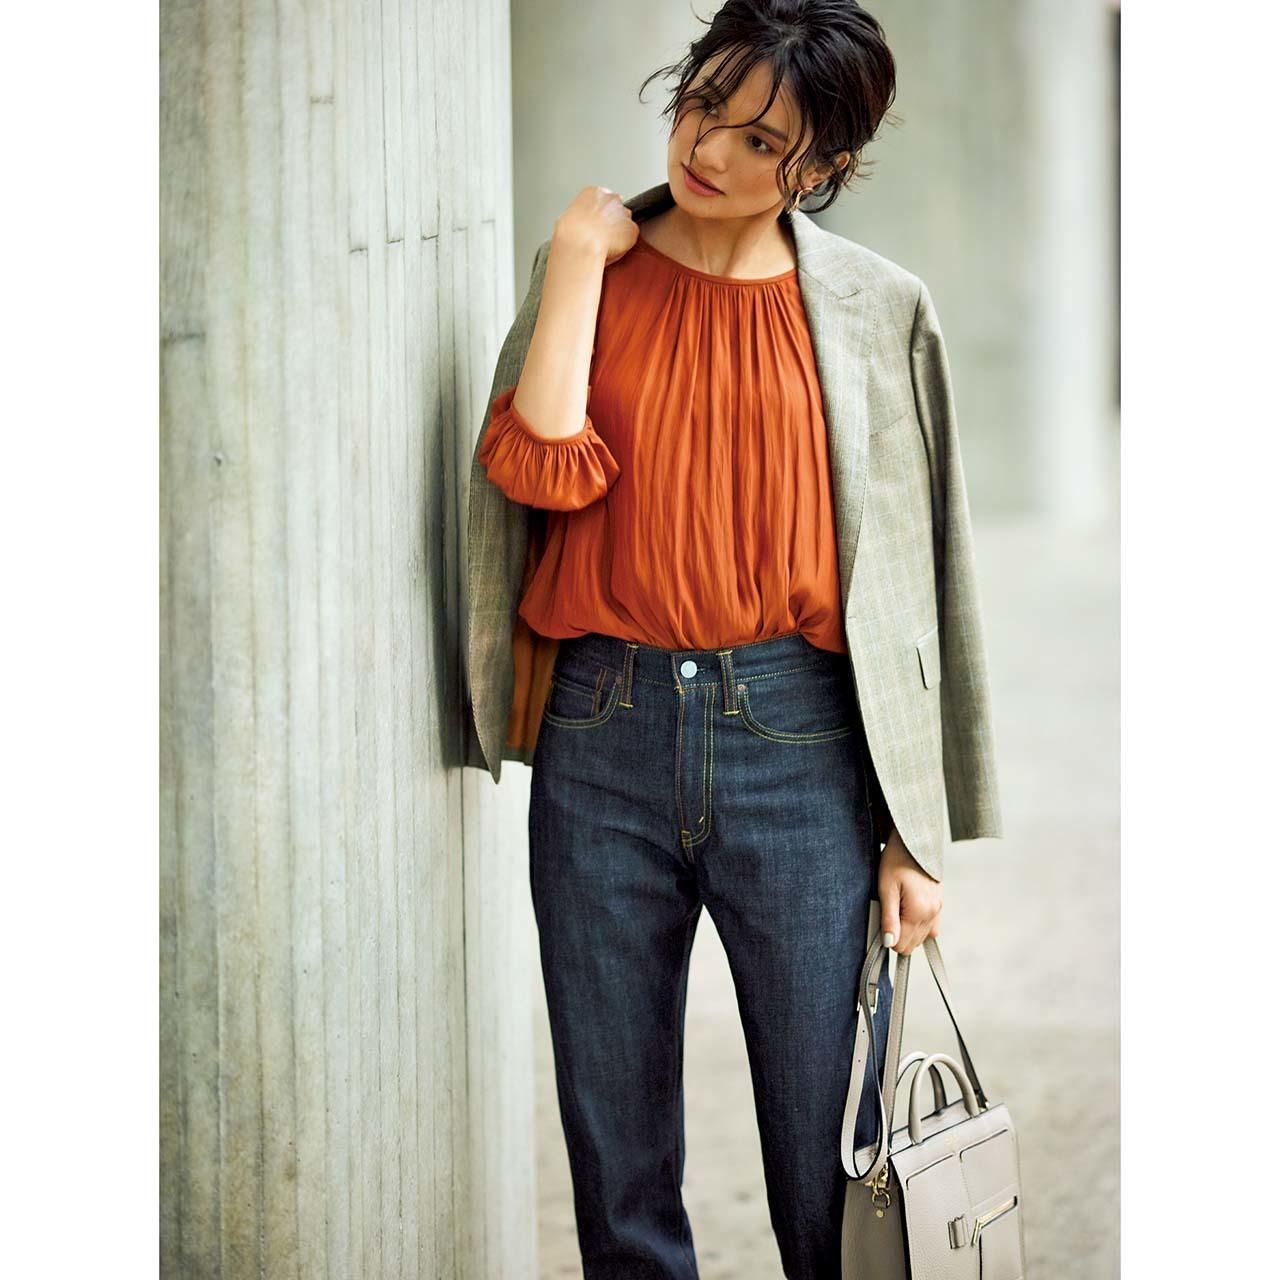 テラコッタブラウンのブラウス×デニムのファッションコーデ